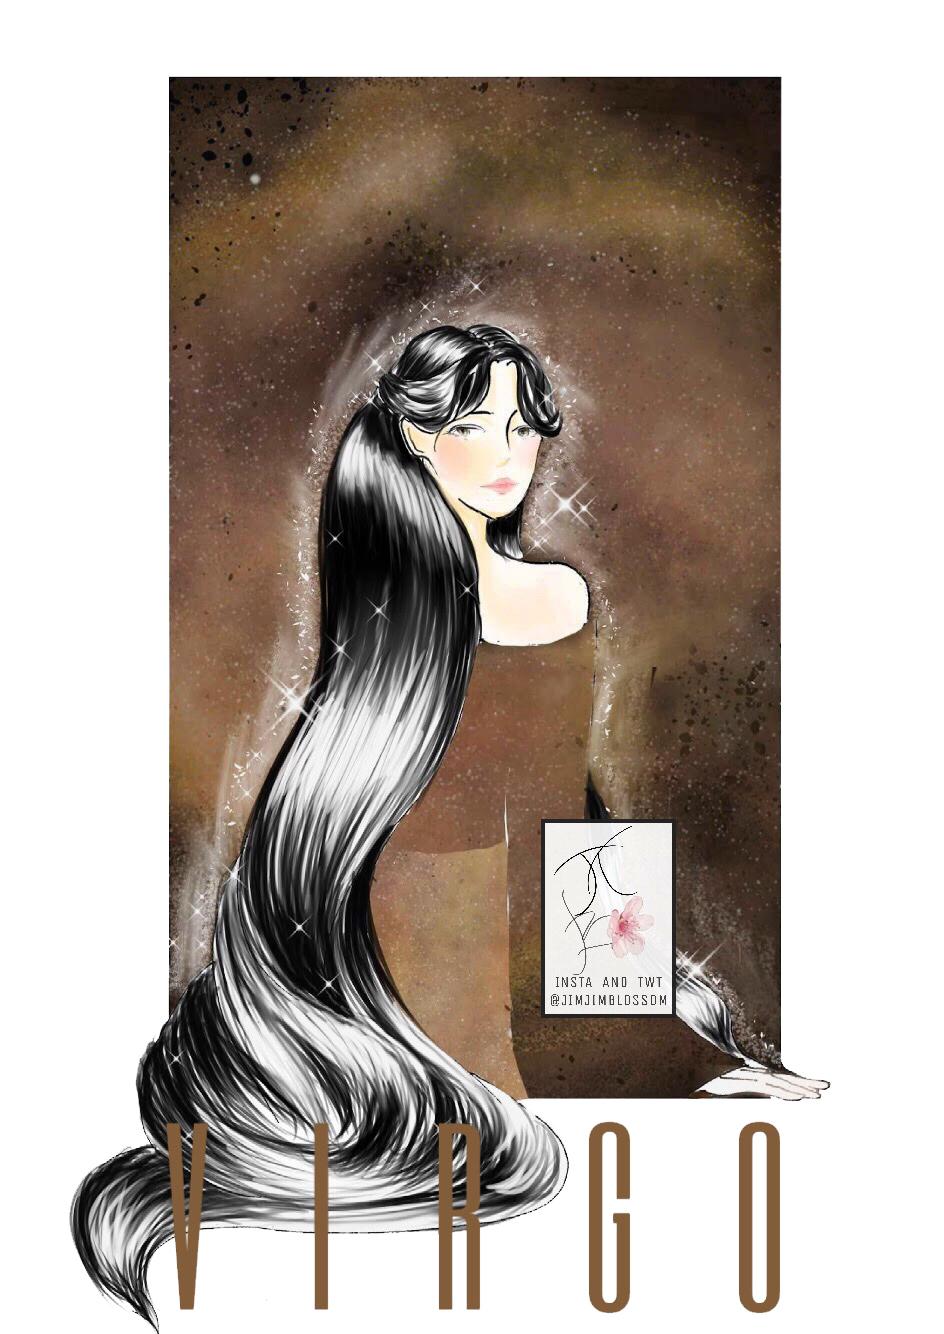 Cung hoàng đạo Xử Nữ với biểu tượng cô gái có mái tóc đen dài